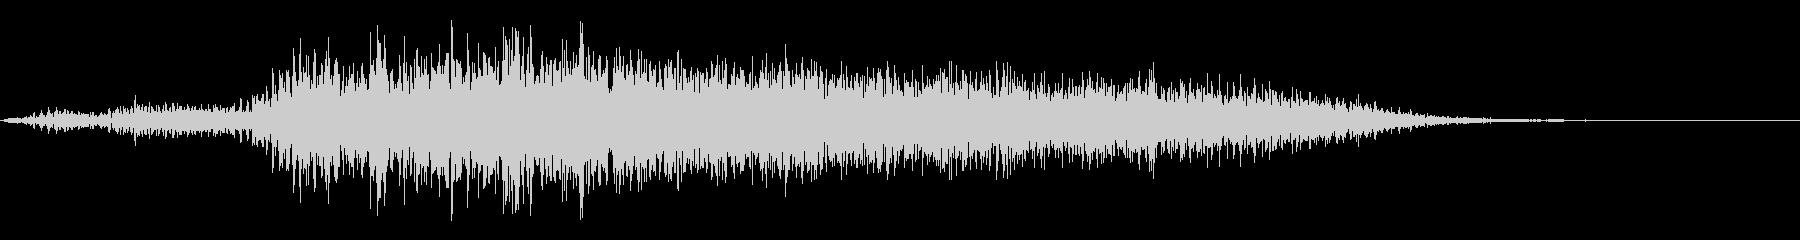 ヤギの鳴き声(メェー)の未再生の波形